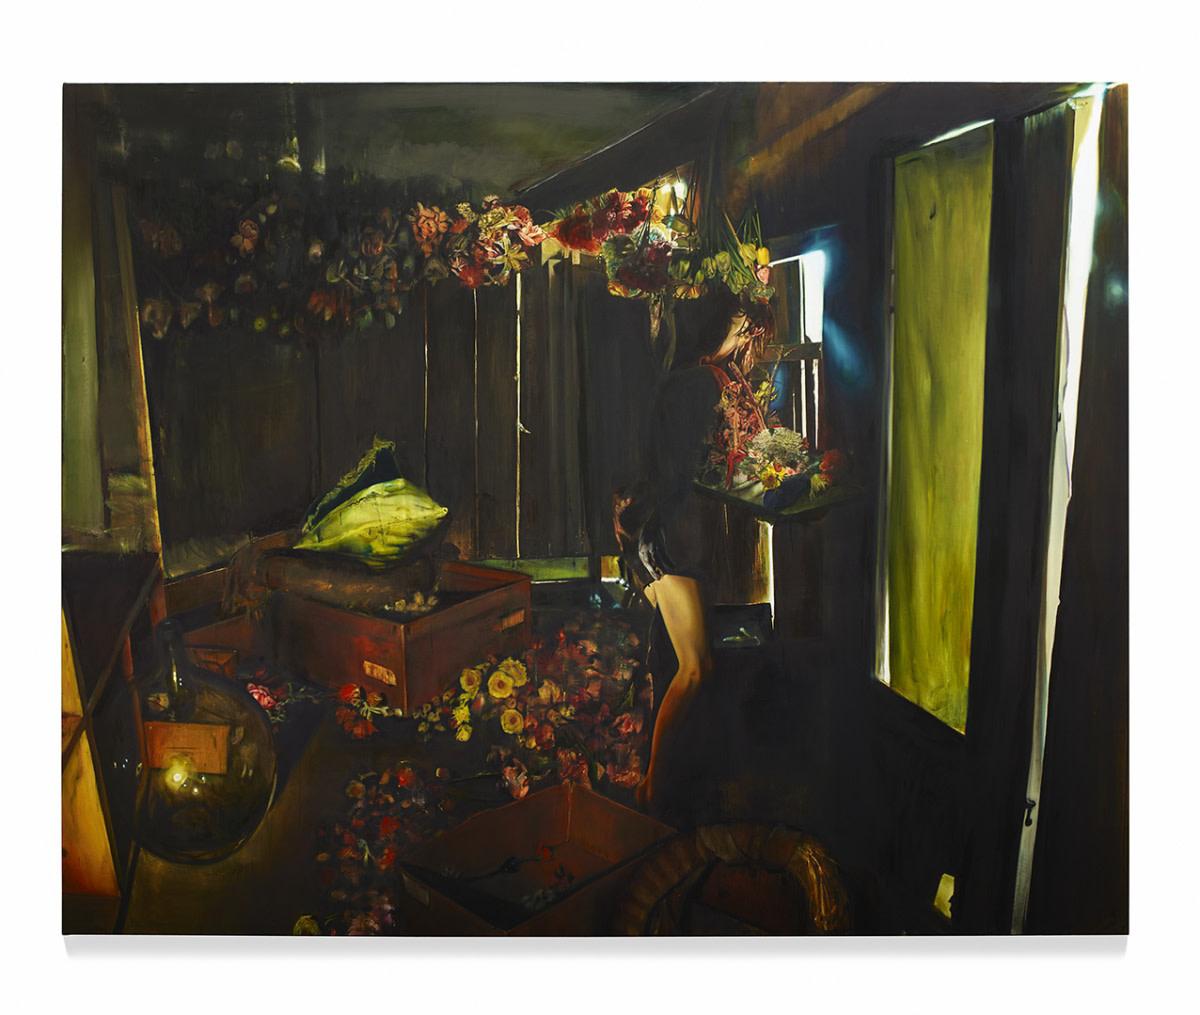 <span class=&#34;link fancybox-details-link&#34;><a href=&#34;/artists/57-lopold-rabus/works/6689/&#34;>View Detail Page</a></span><div class=&#34;artist&#34;><strong>Leopold RABUS</strong></div> <div class=&#34;title&#34;><em>Avec tiédeur</em>, 2014</div> <div class=&#34;medium&#34;>Oil on canvas</div> <div class=&#34;dimensions&#34;>240 x 300 cm<br /> 94 1/2 x 118 1/8 in</div><div class=&#34;copyright_line&#34;>Copyright The Artist</div>